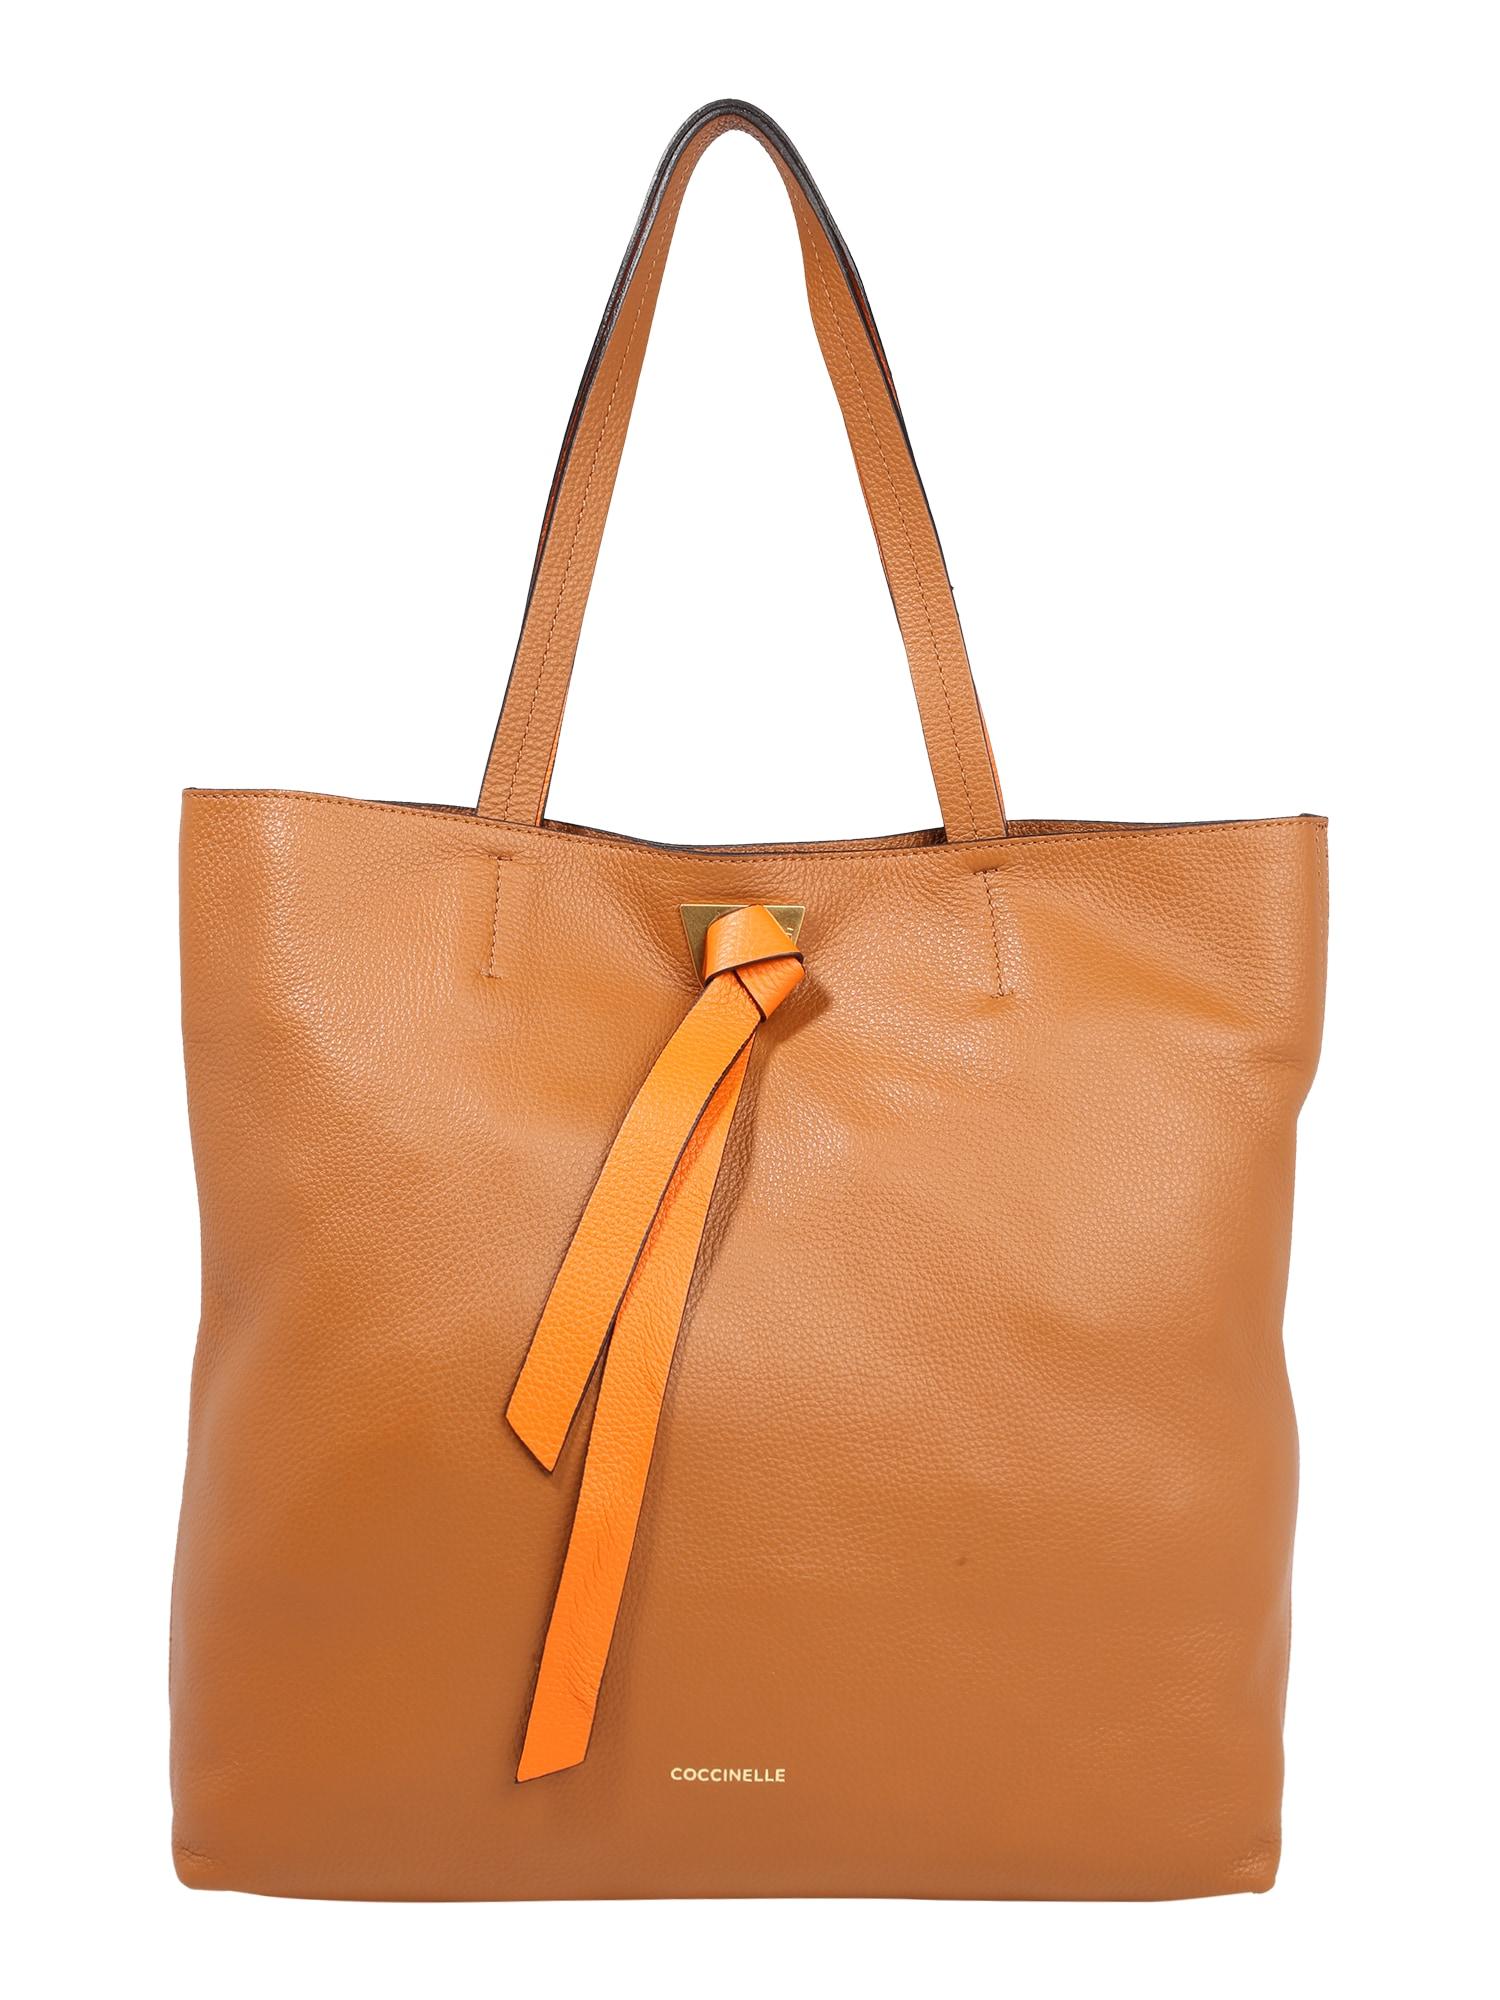 Coccinelle Pirkinių krepšys karamelės